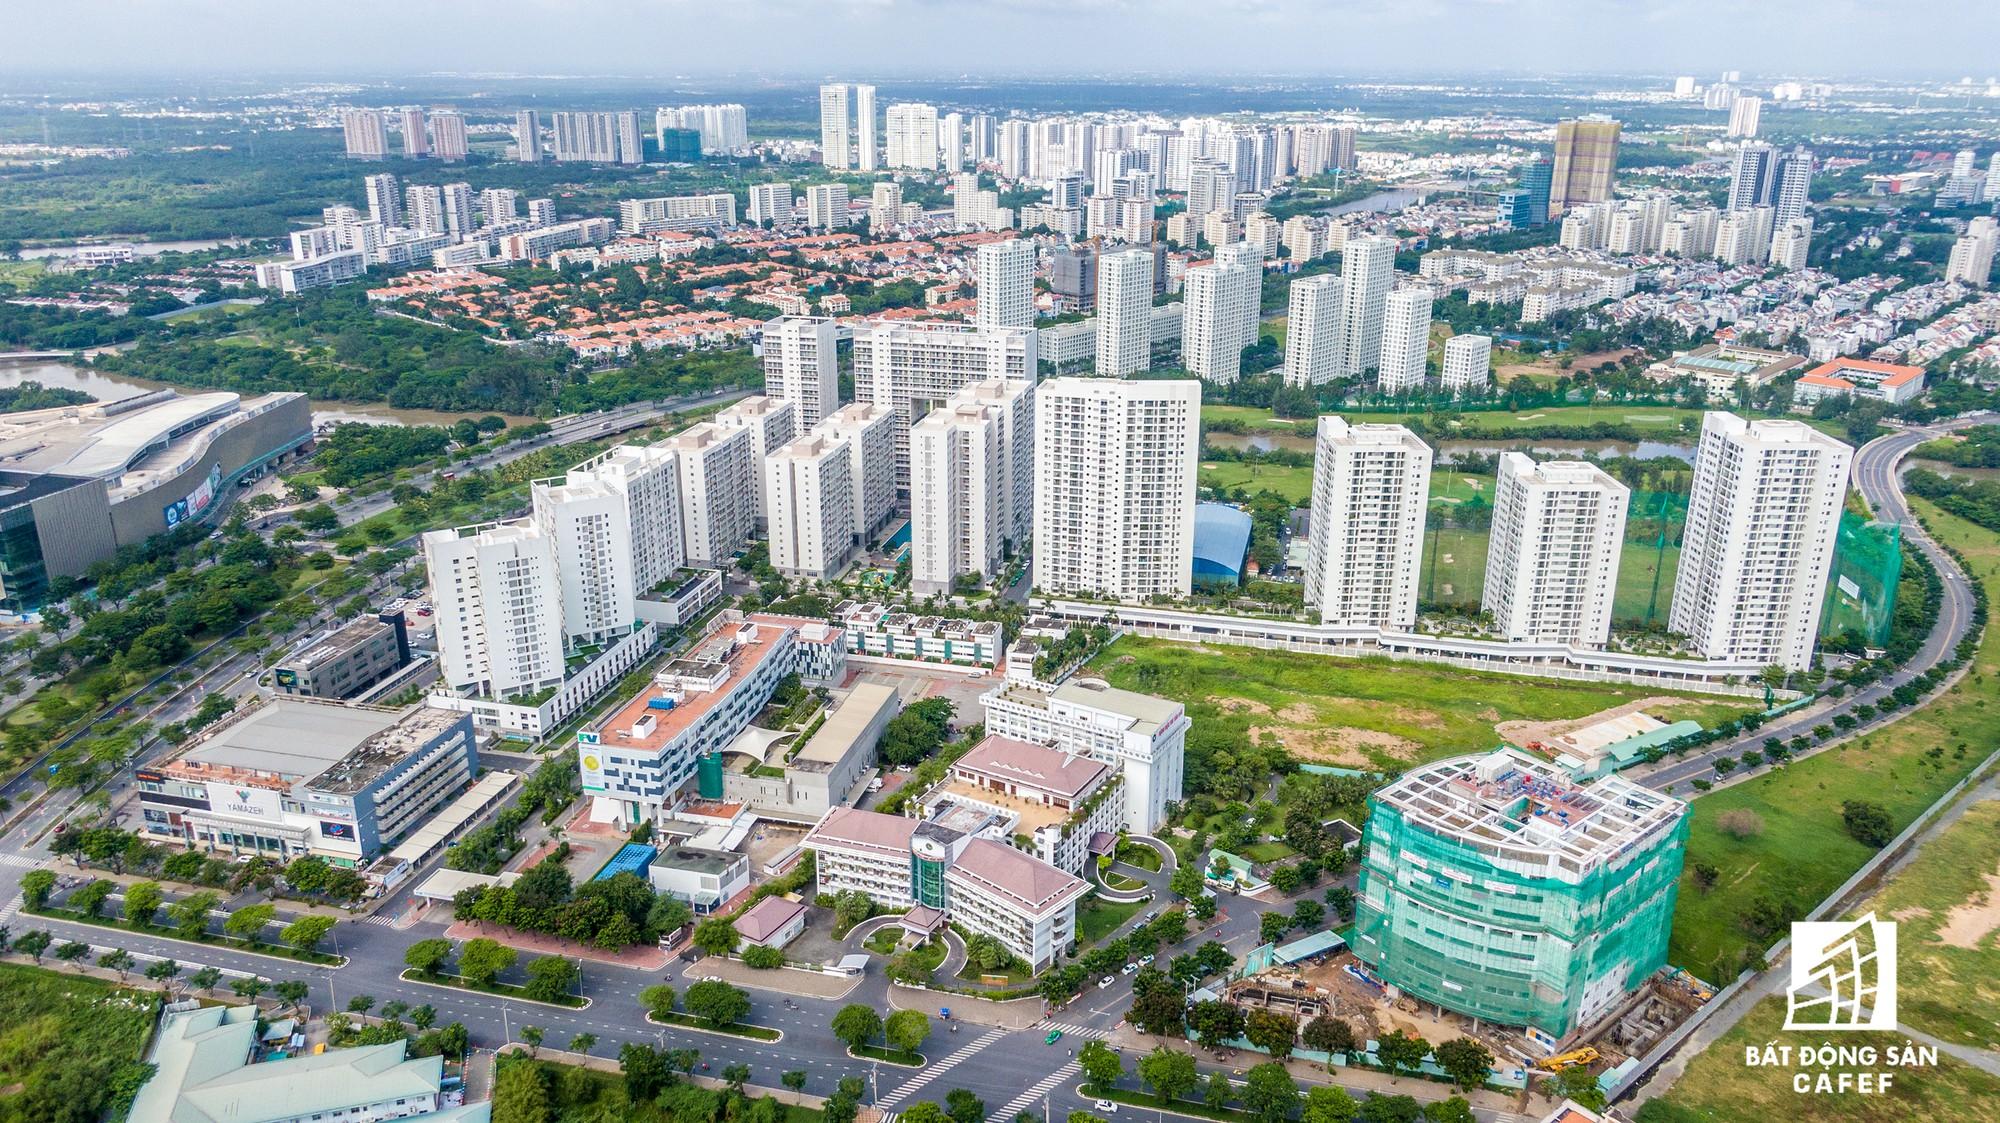 Toàn cảnh đại lộ tỷ đô đã tạo nên một thị trường bất động sản rất riêng cho khu Nam Sài Gòn - Ảnh 13.